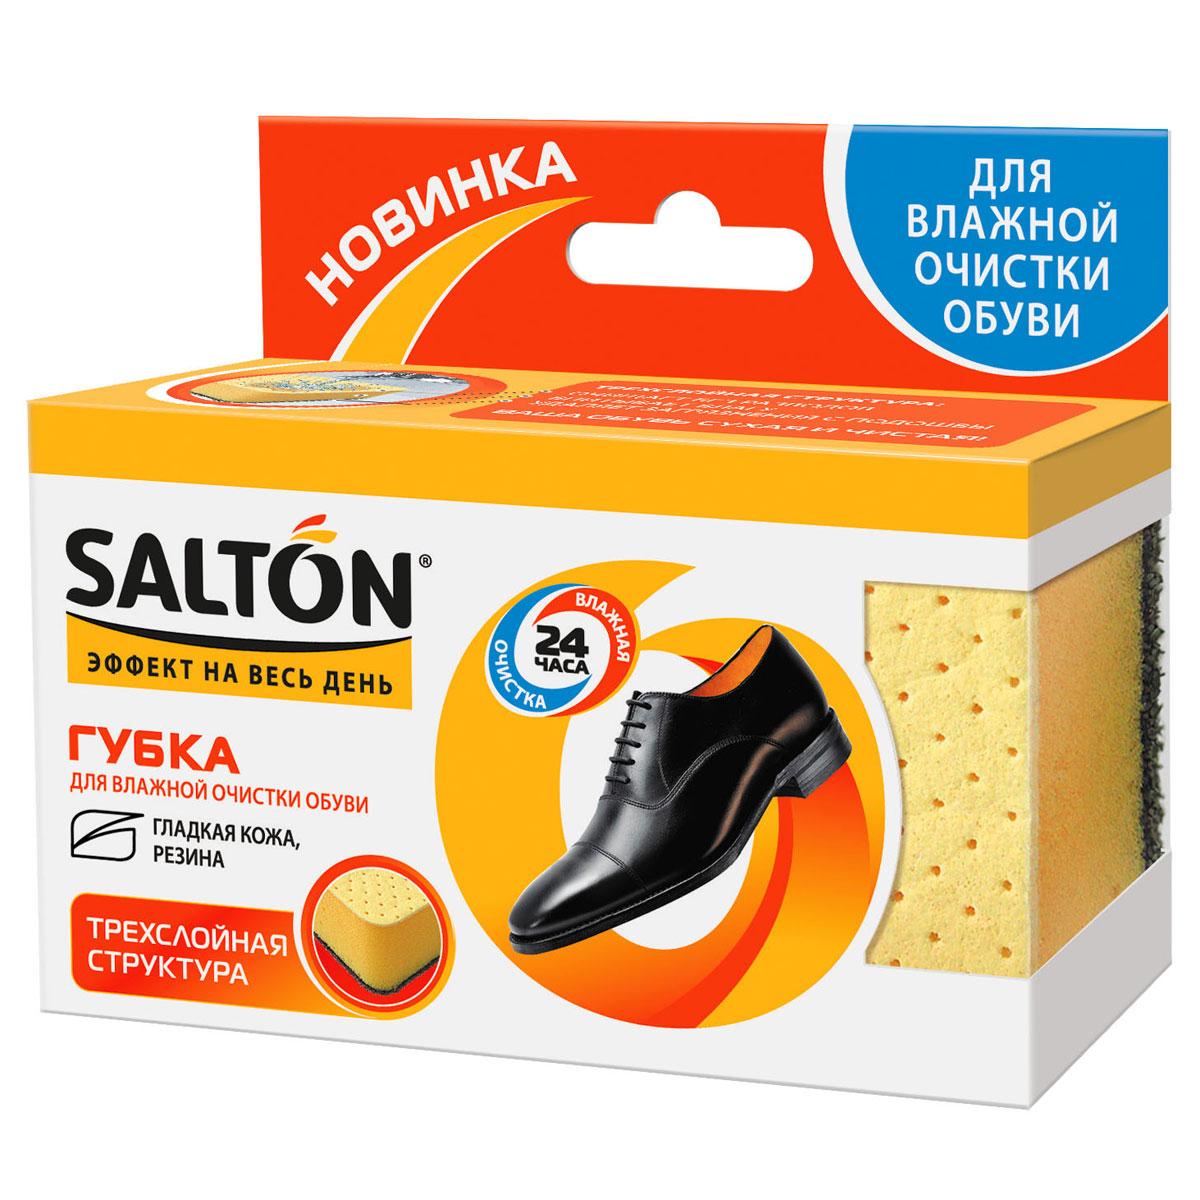 Губка Salton для влажной очистки обуви из гладкой кожи и резины, трехслойная26258620Благодаря уникальной комбинации материалов губка Salton эффективно удаляет уличные загрязнения с обуви из гладкой кожи и резины. Губка обеспечивает деликатное очищение. Не оставляет разводов. Трехслойная структура для качественной очистки обуви: - черный жесткий слой эффективно удаляет сильные загрязнения с подошвы; - прочный поролоновый слой впитывает и удерживает влагу; - желтый слой из специального материала легко удаляет загрязнения и моментально впитывает остатки влаги с кожаной поверхности обуви. Можно использовать при очистке замшевой обуви с помощью пены-очистителя. Размер губки: 11 см х 6,5 см х 4,5 см. Материал: вискоза, полиэстер, полиуретан, клеевой слой.